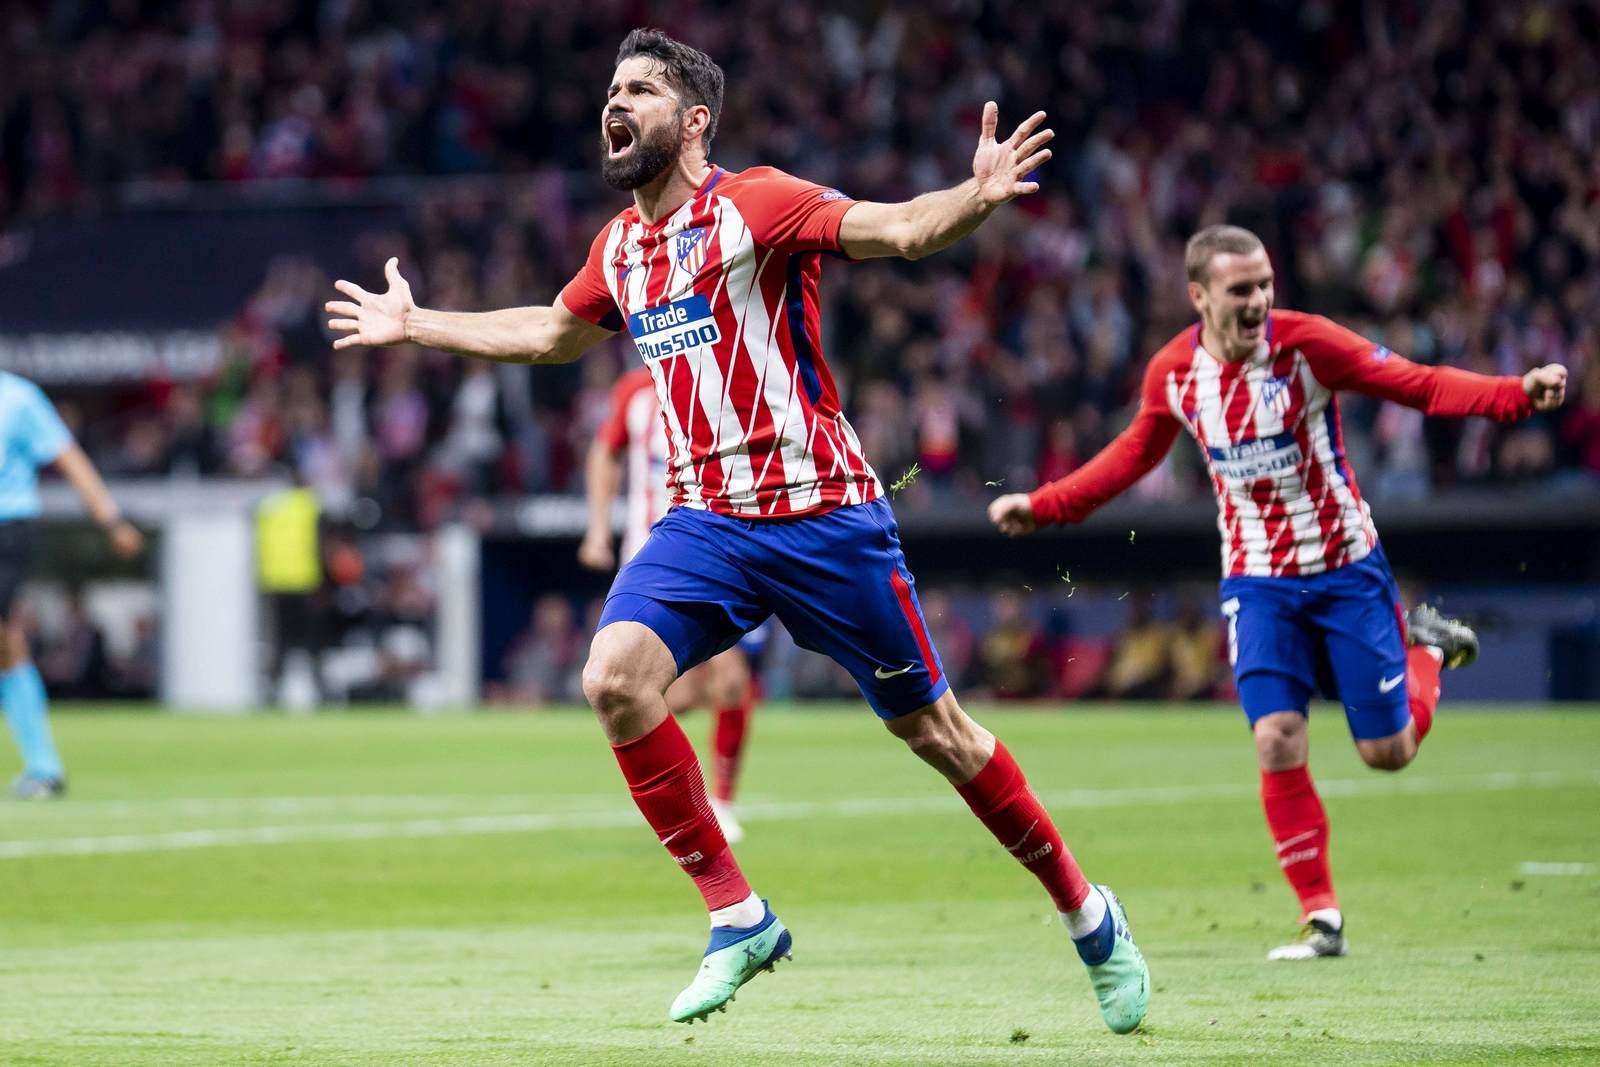 Diego Costa jubelt. Jetzt auf die Partie Marseille vs Atletico wetten.